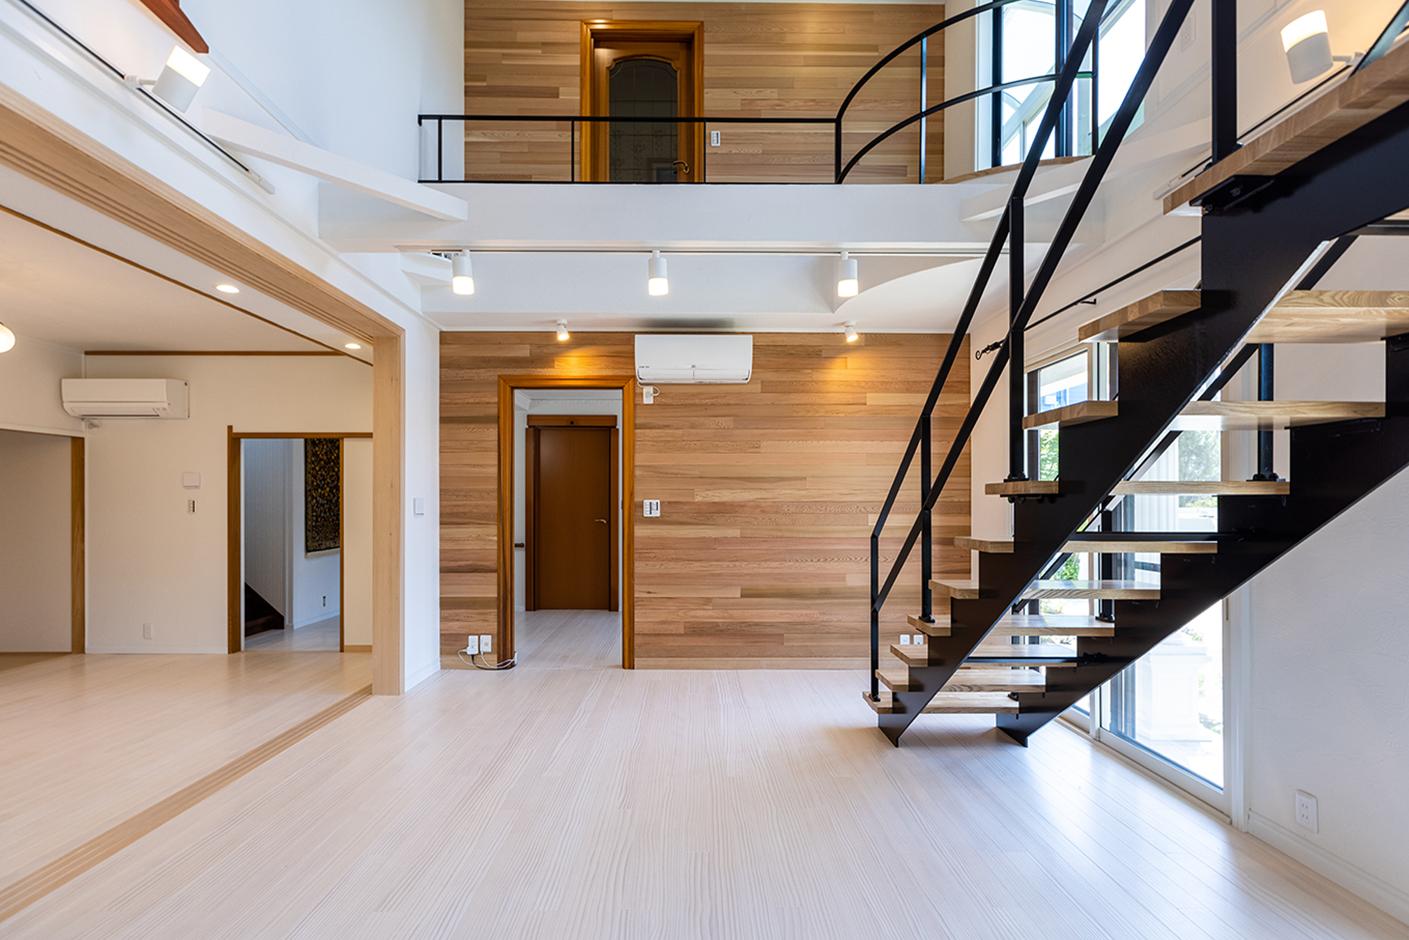 山春建設 天然木ならではの、温かみがあり、体に馴染みやすい無垢材の床には床暖房があり、エアコンなしでも暖かい吹抜け空間が実現